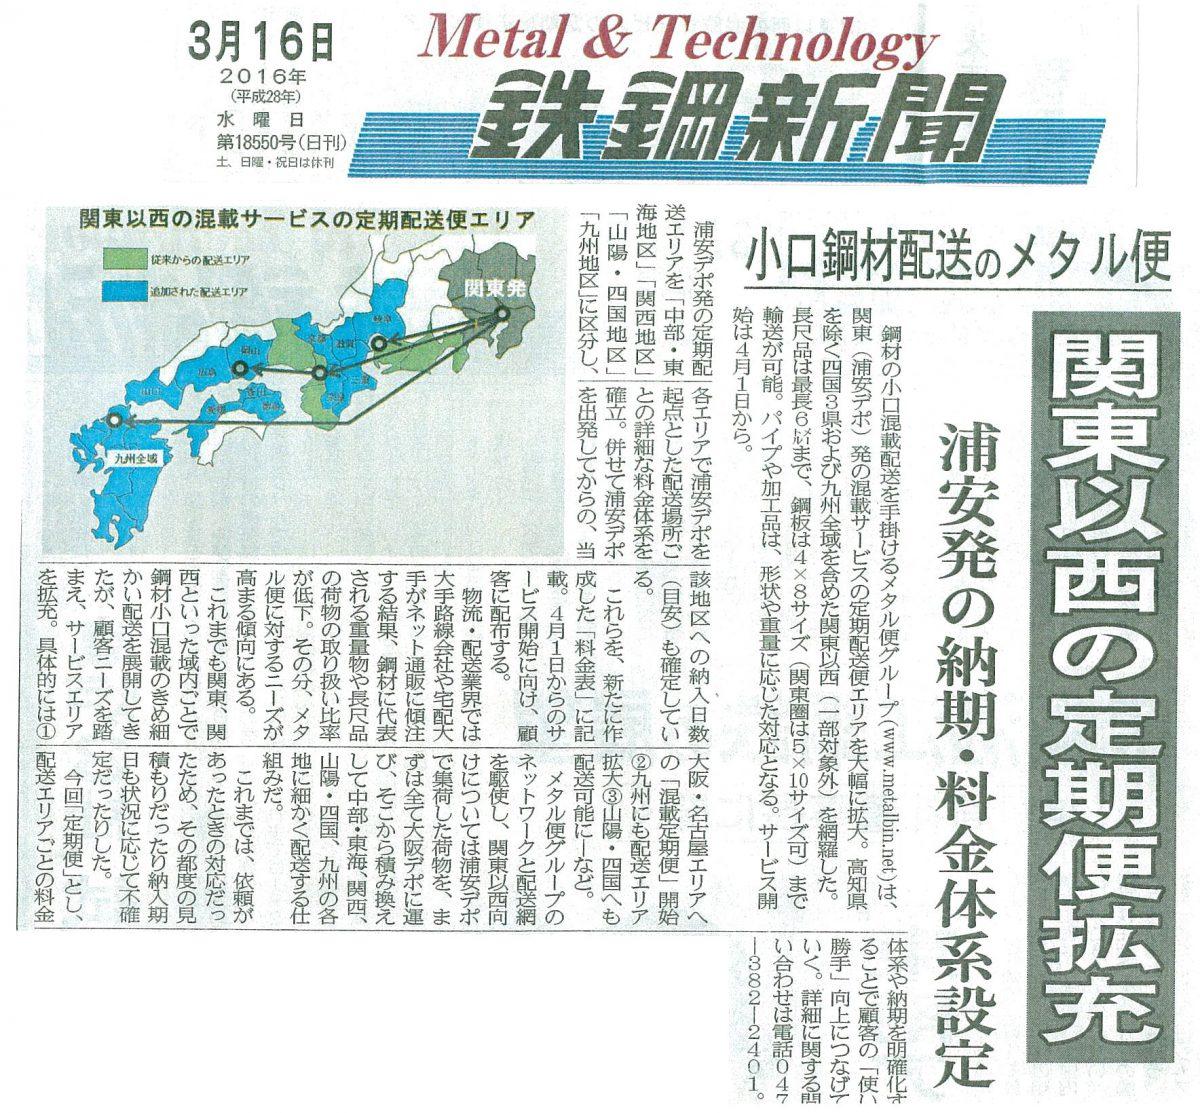 2016年3月16日 鉄鋼新聞